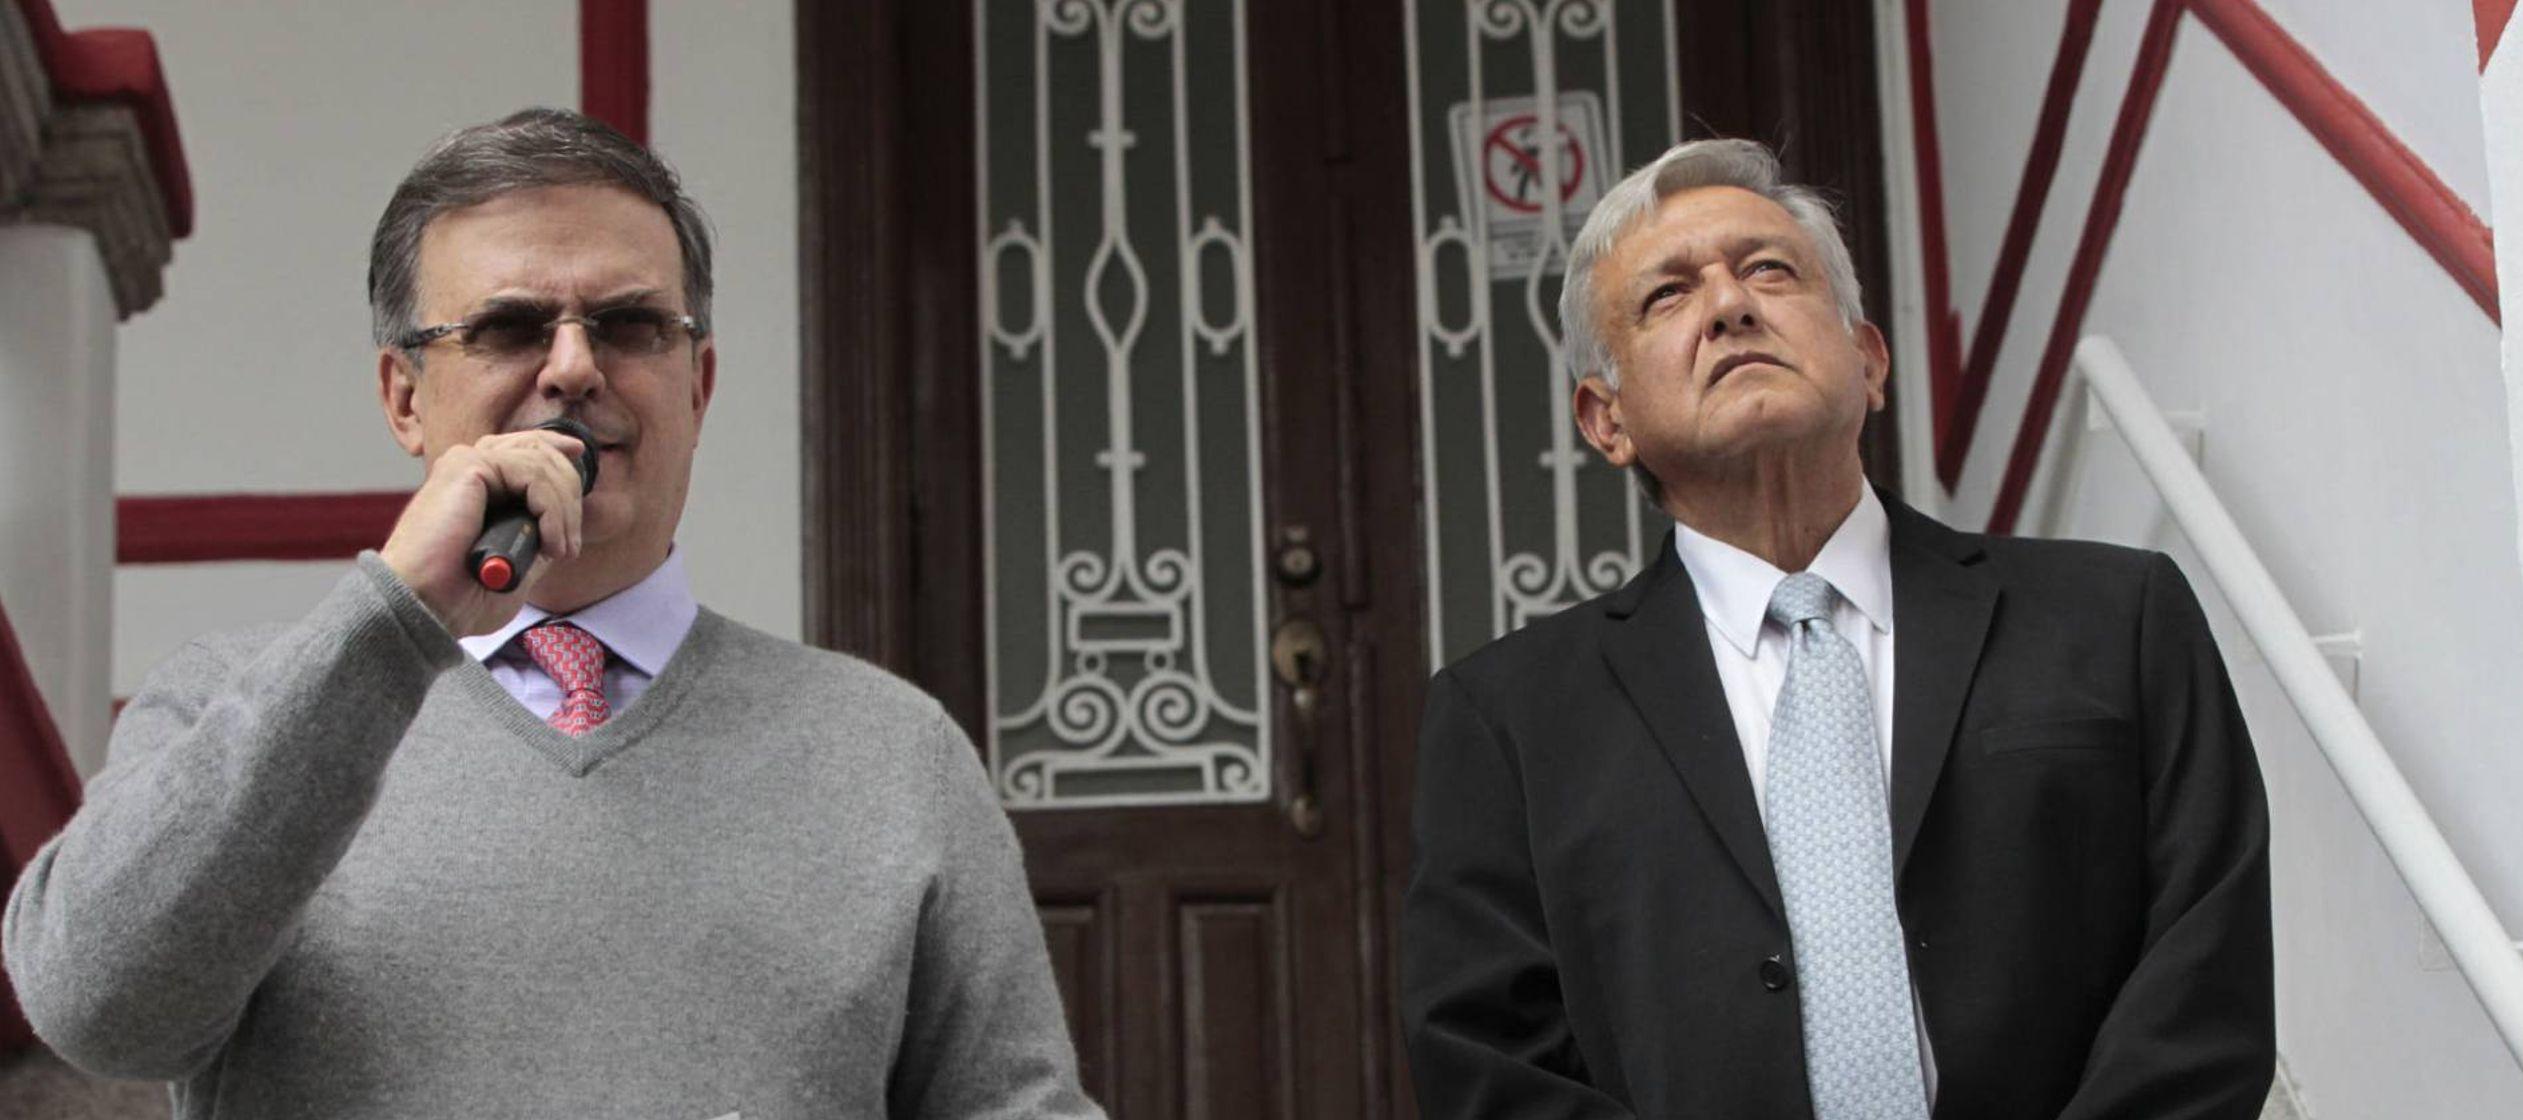 López Obrador ha lanzado a Washington un nuevo guiño de buena fe desde los...